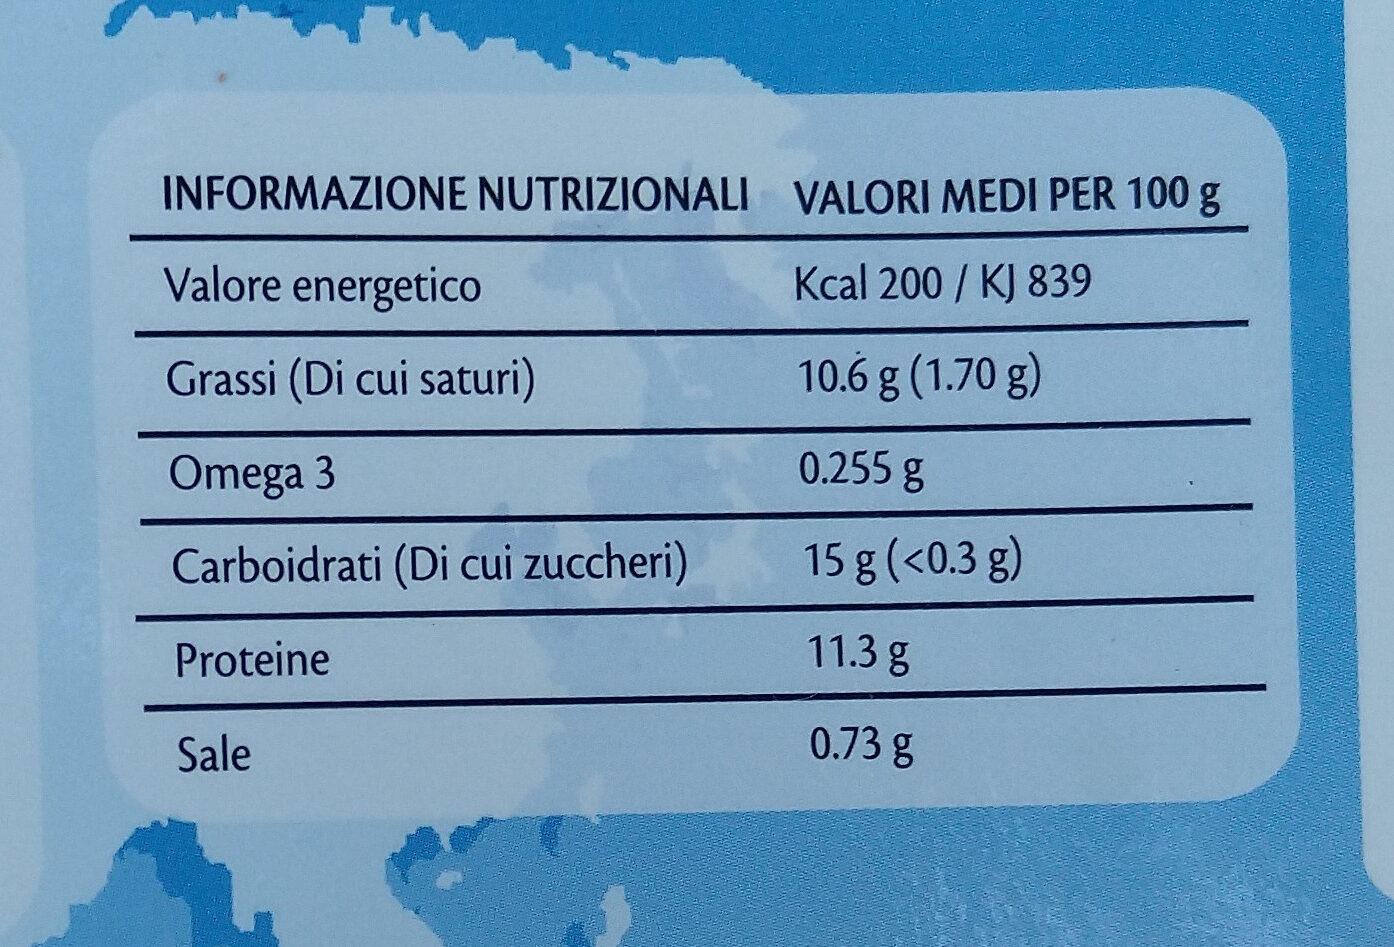 filetti croccanti di merluzzo sudafricano - Informazioni nutrizionali - it